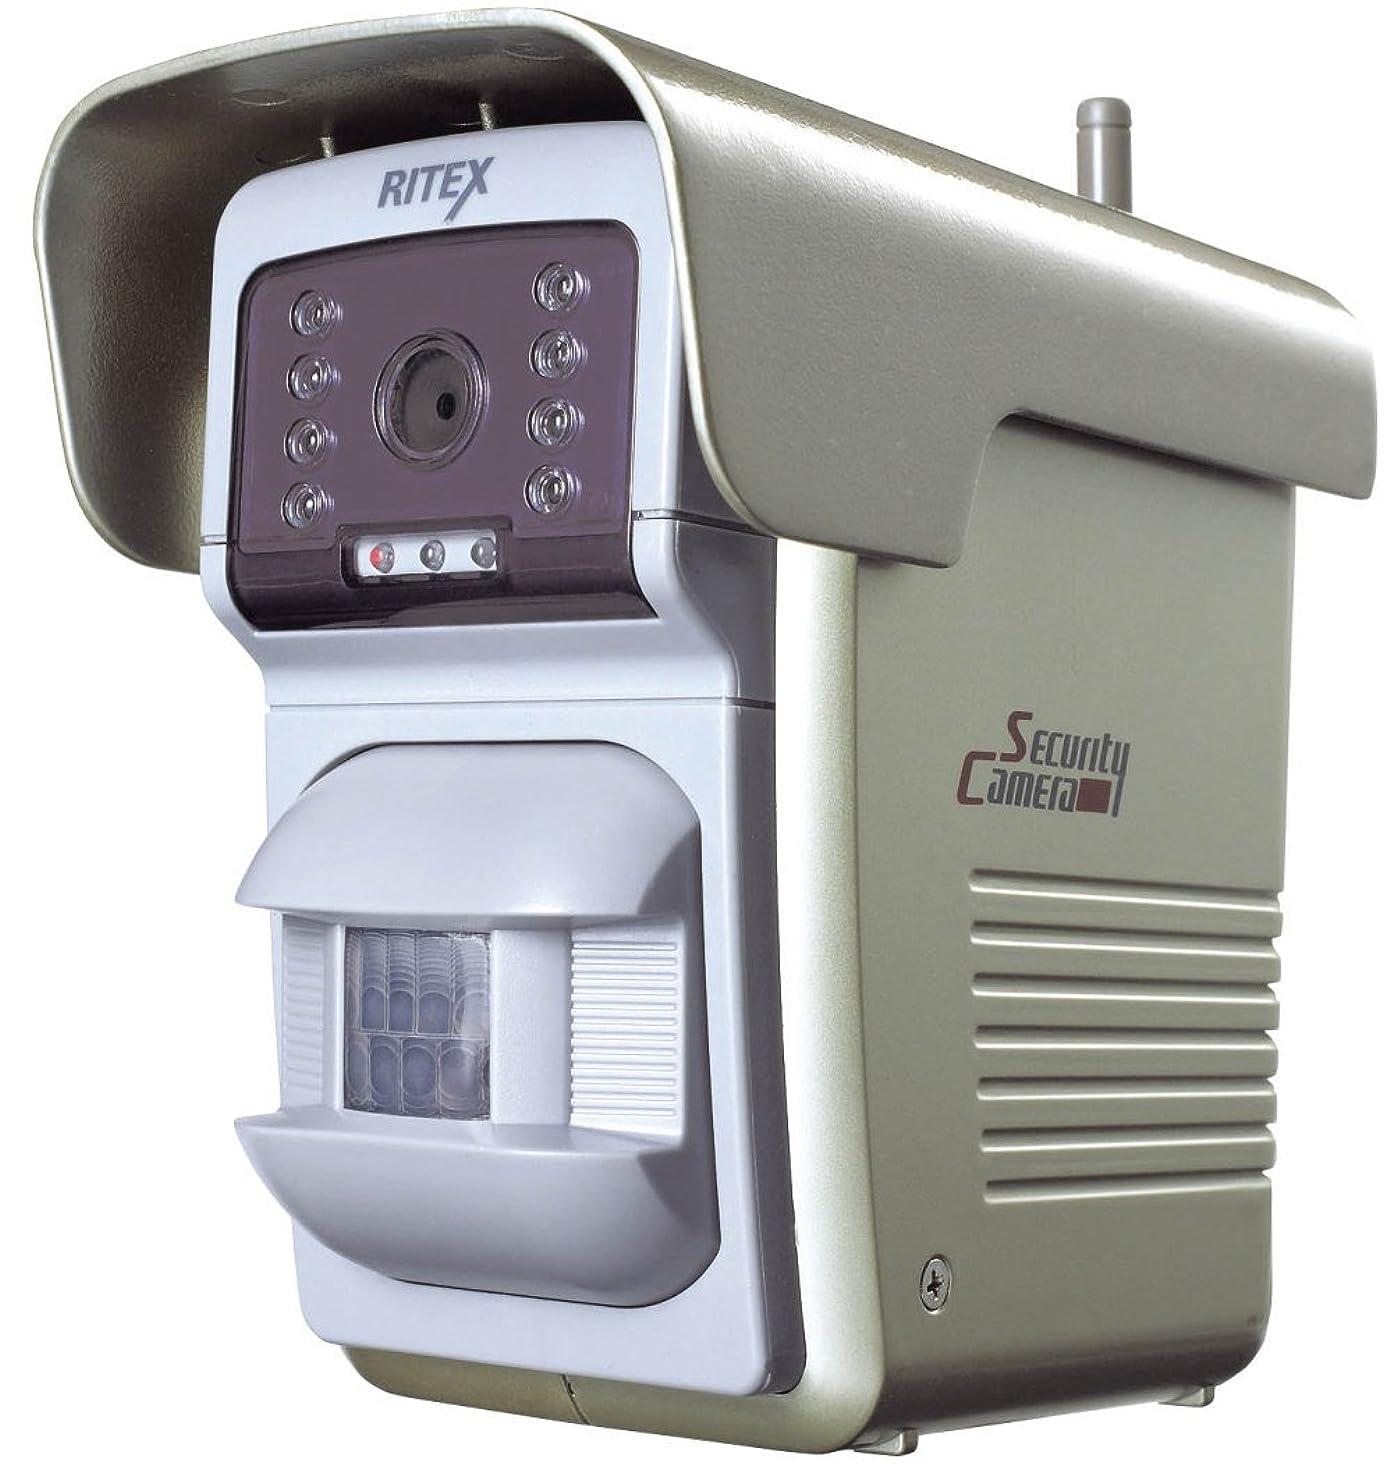 サイズ餌愛人ムサシ RITEX センサー自動撮影録画カメラ(400ショット) リモコン付き C-800